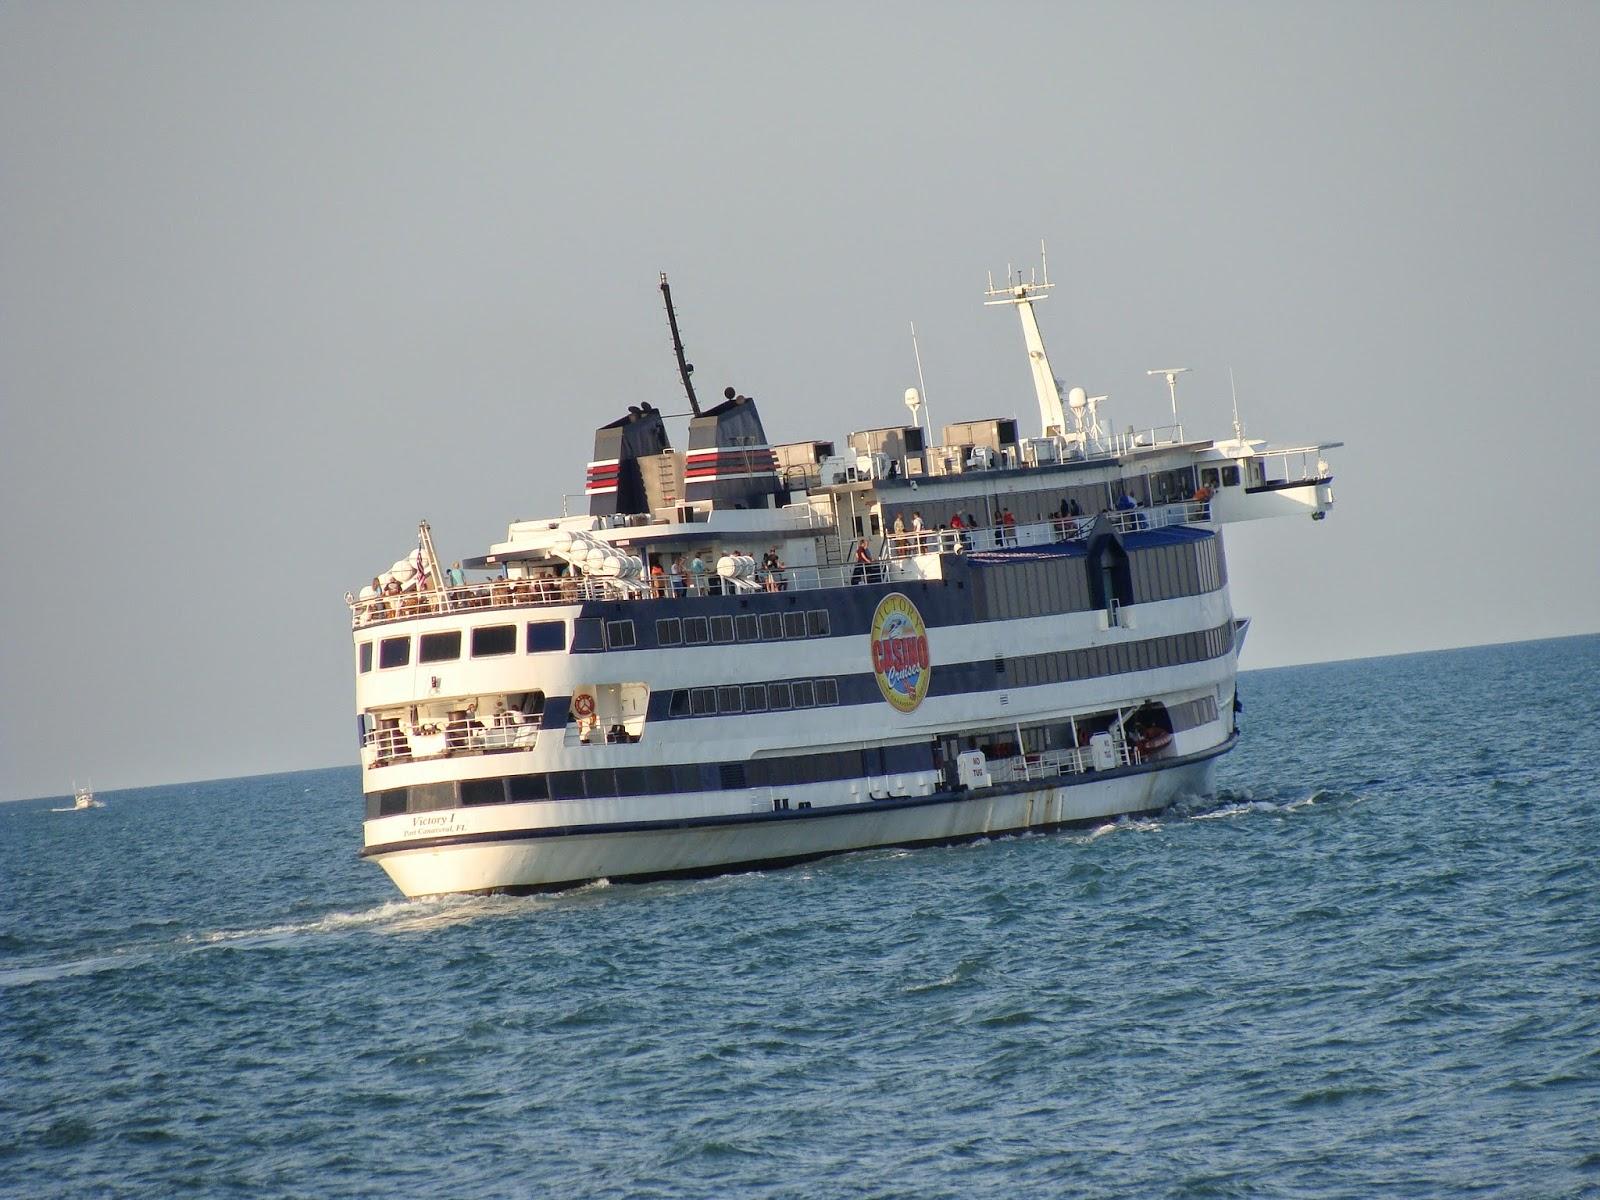 Daytona Beach Gambling Cruises